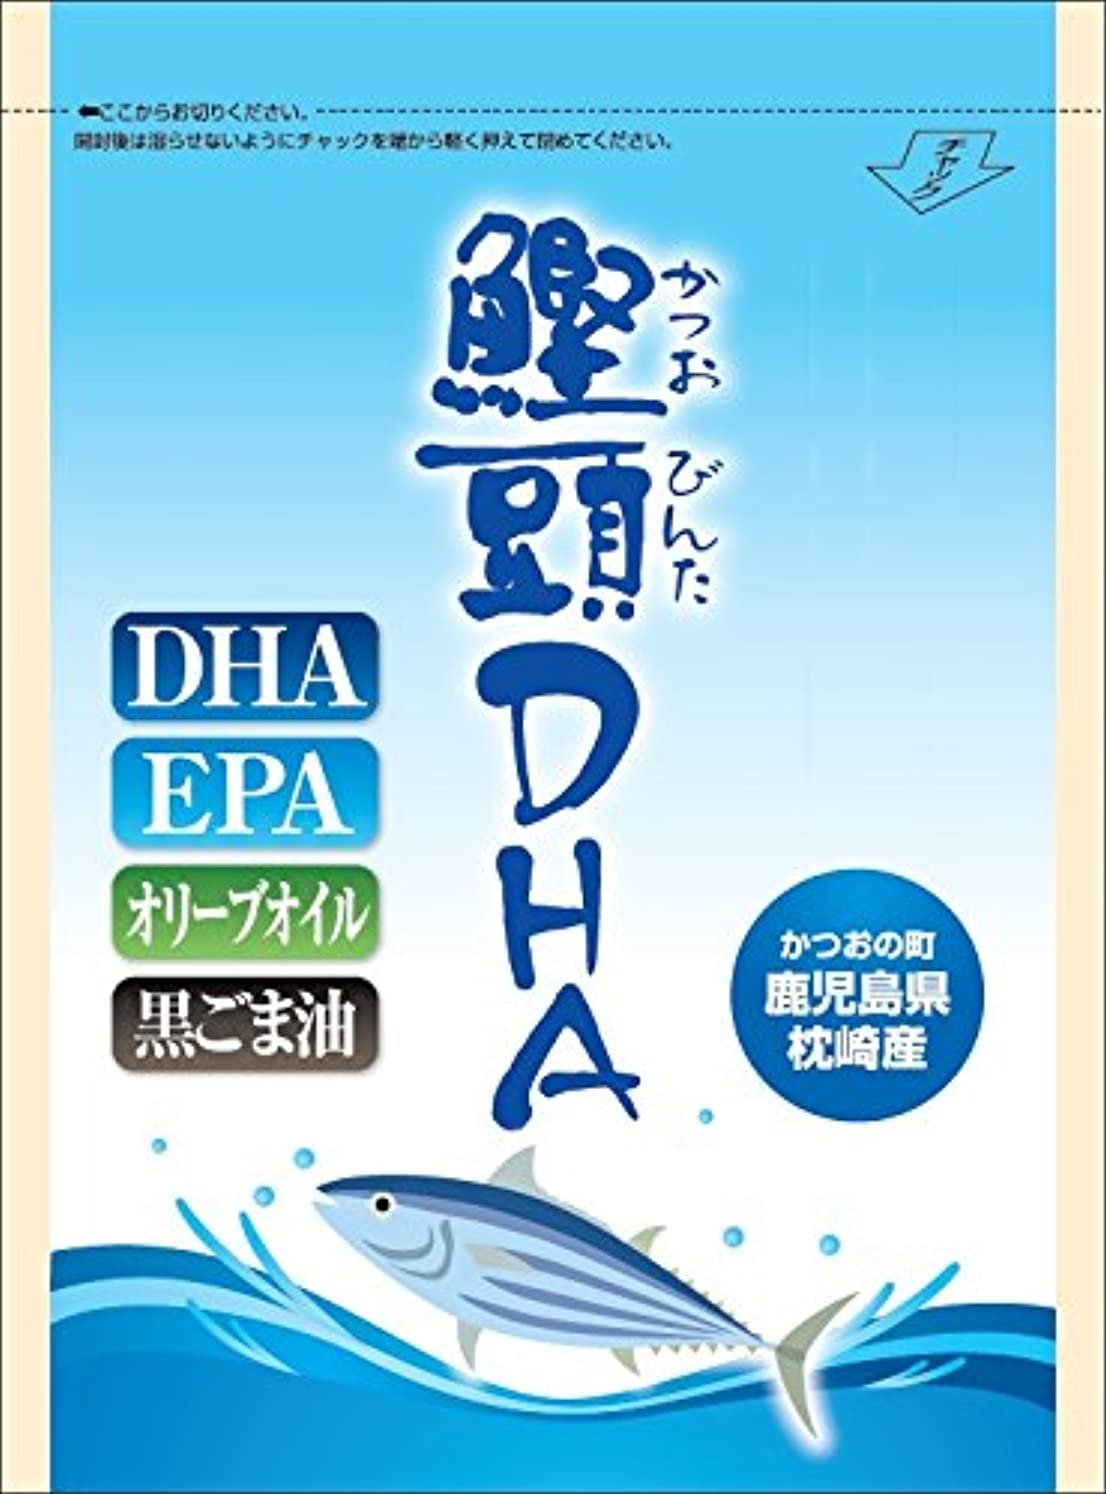 人工うん予測鰹頭DHA 約1ヵ月分 通常配送無料